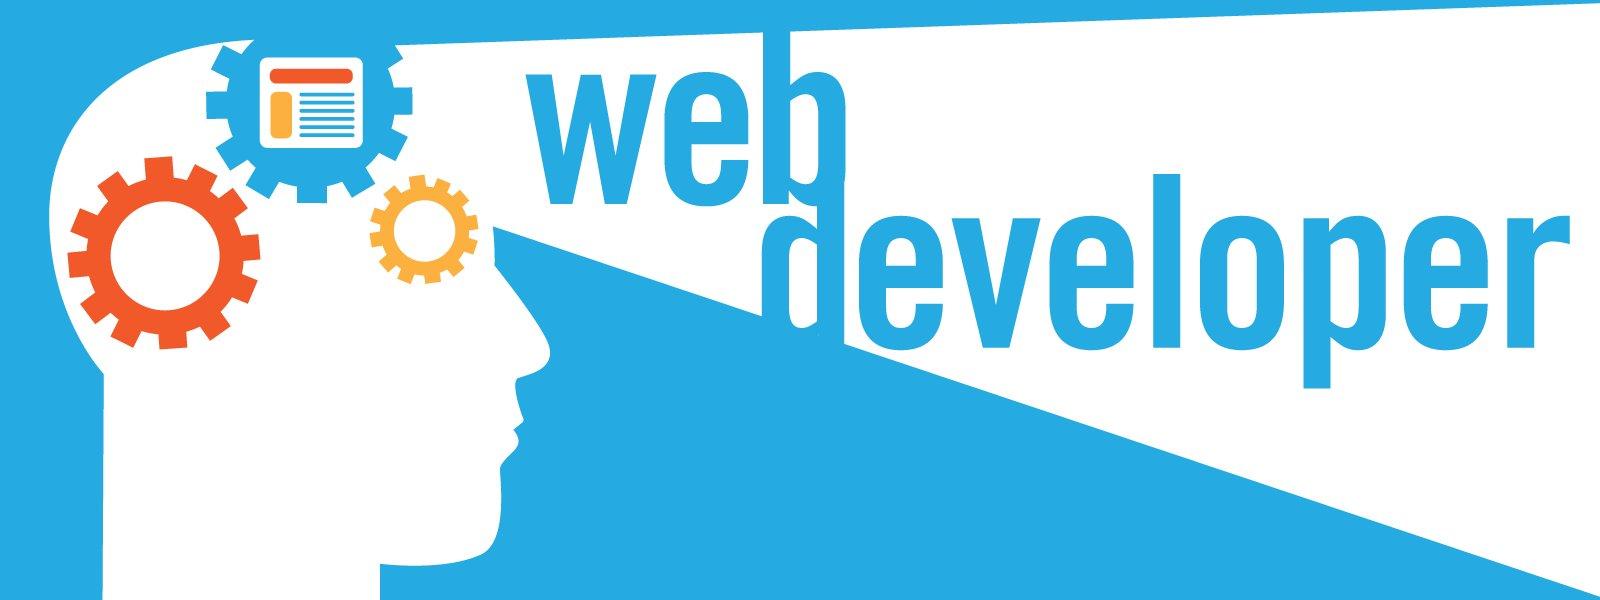 10-web-design-questions